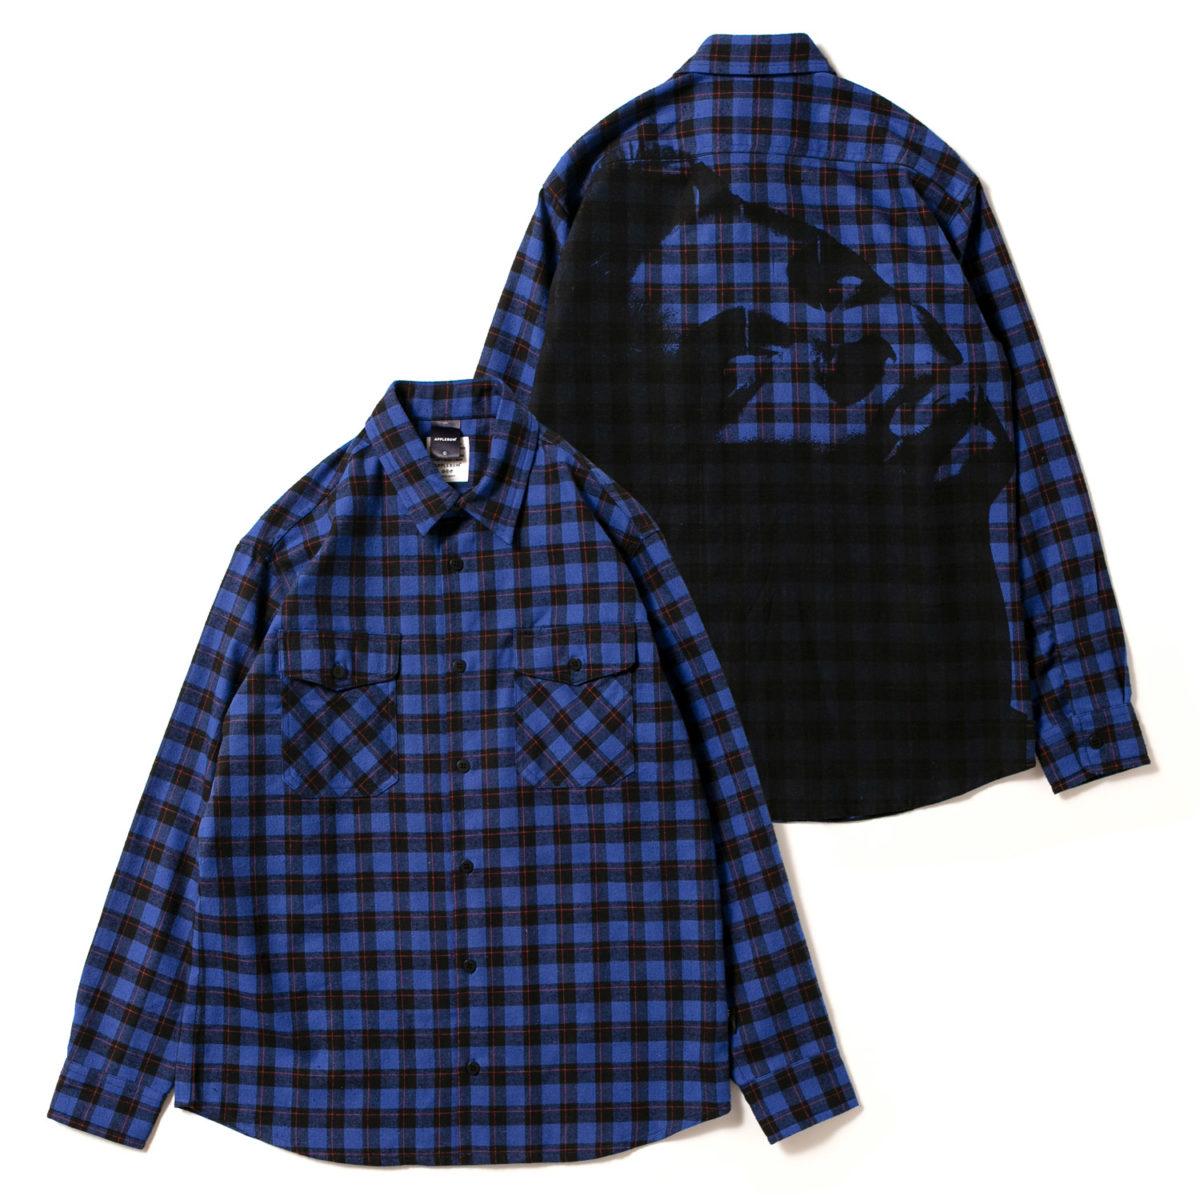 【嵐 衣装 松本潤さん】◆VS嵐 2020/1/16◆チェック柄ネルシャツ